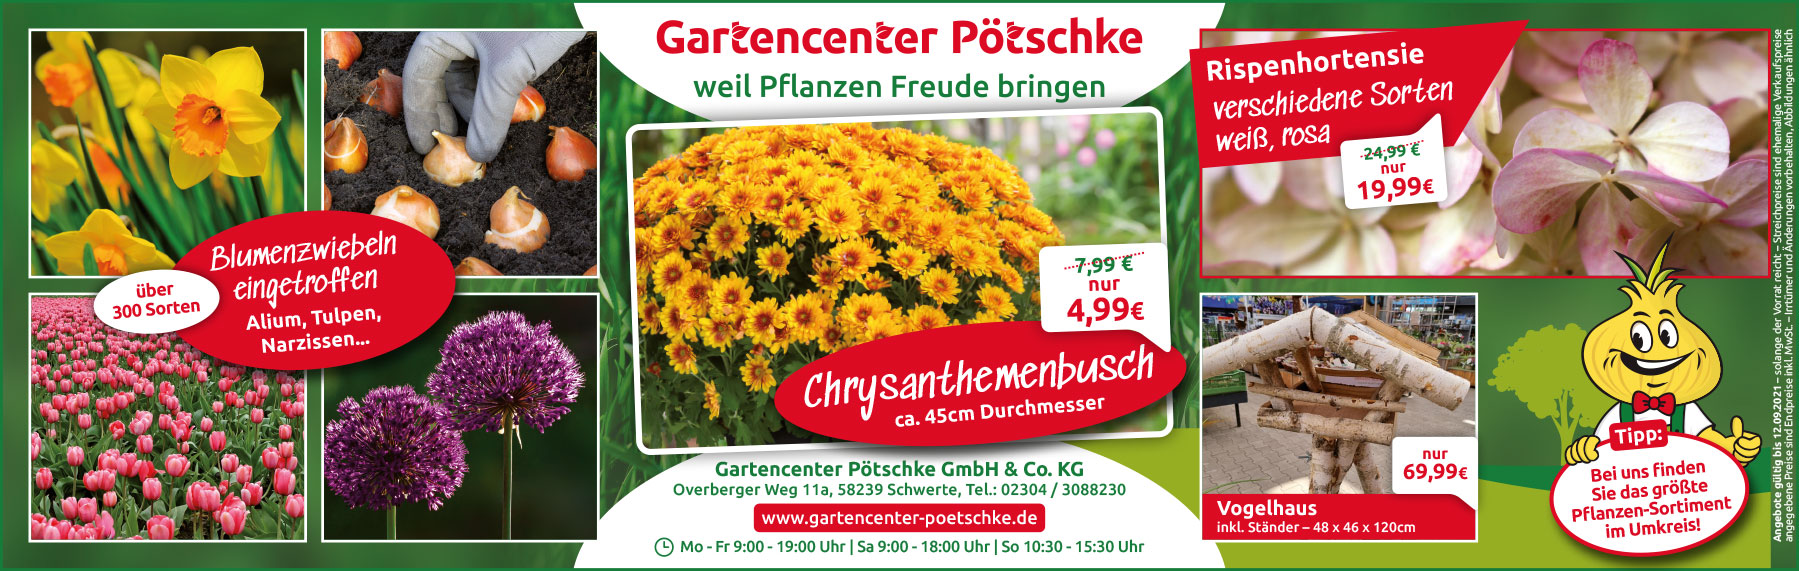 aktuelle Angebote Gartencenter Pötschke